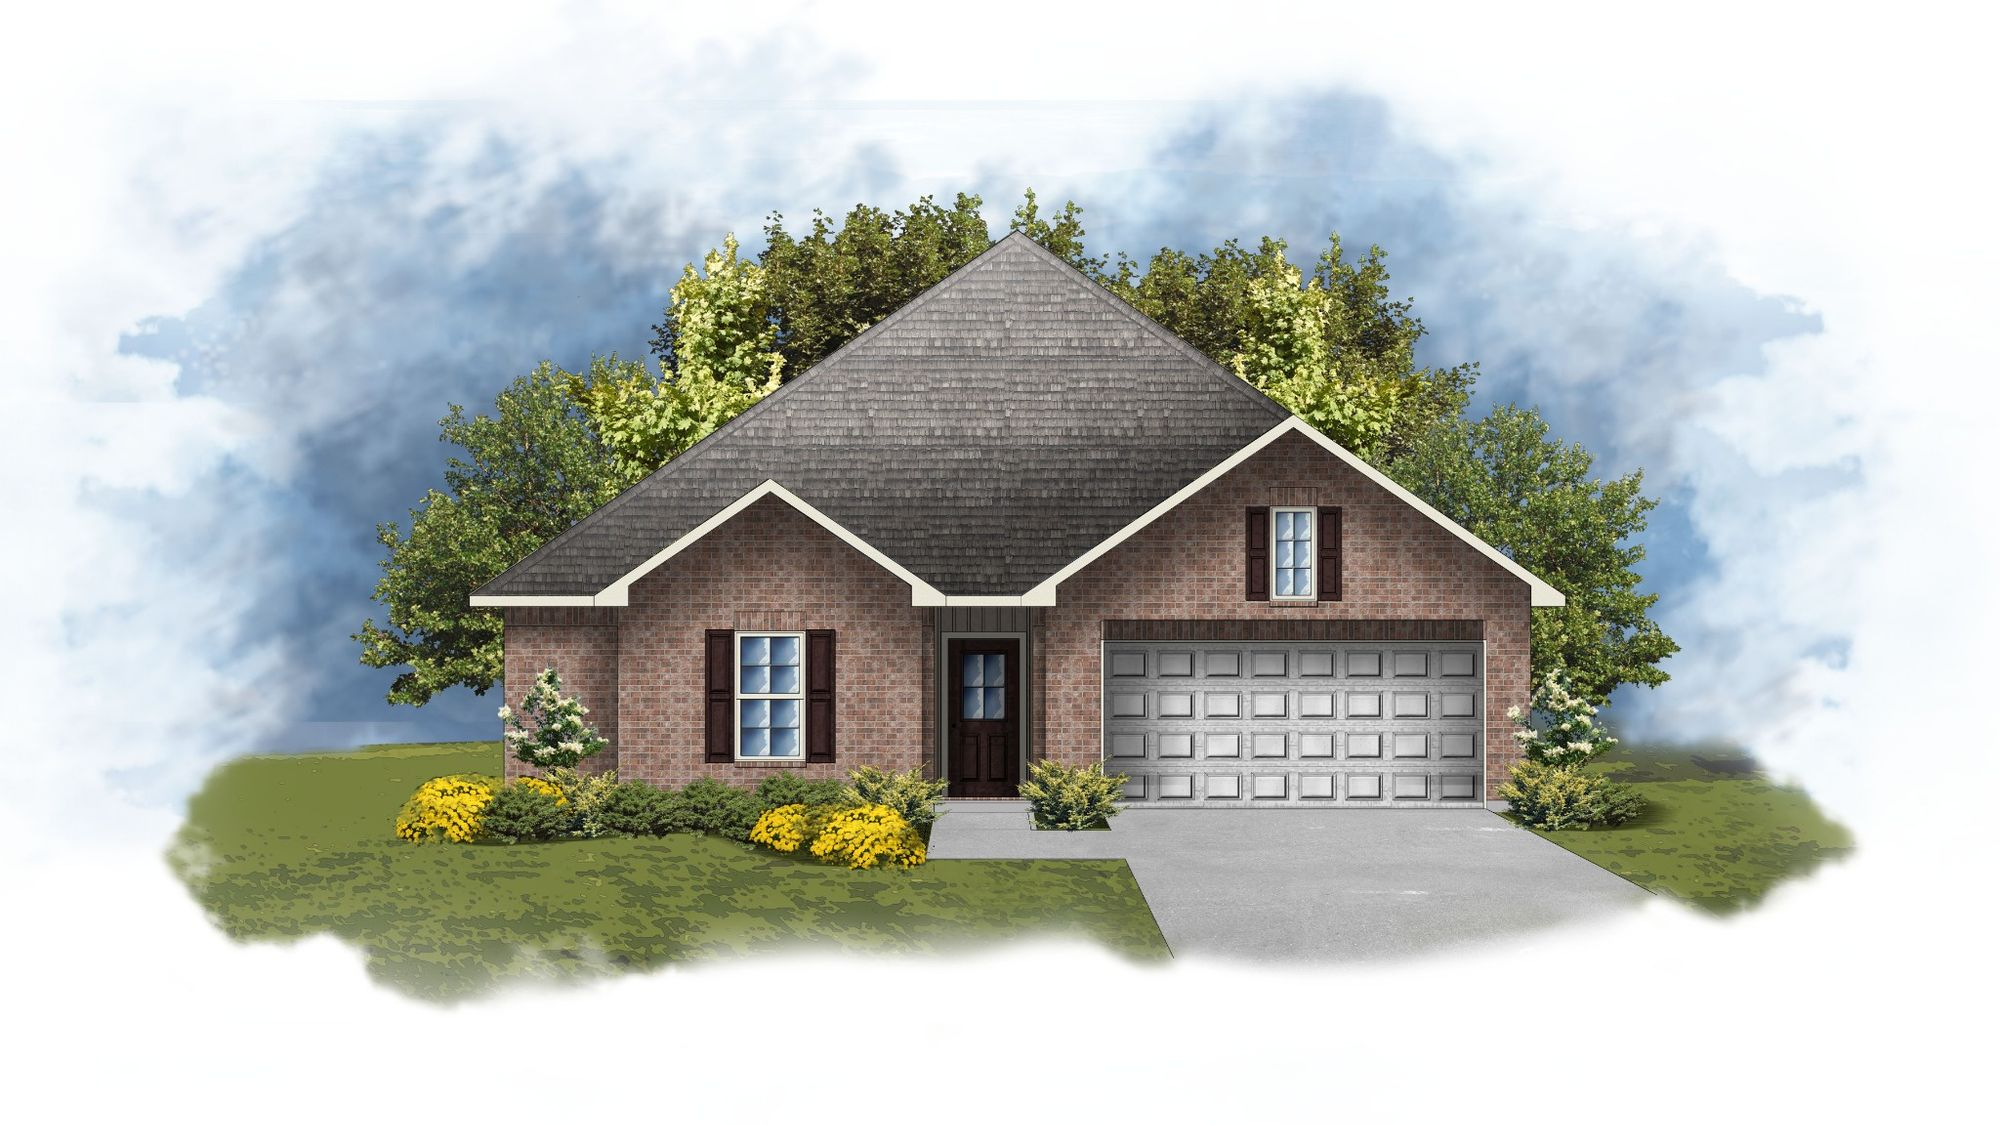 Hoffman IV G Open Floorplan Elevation Image - DSLD Homes